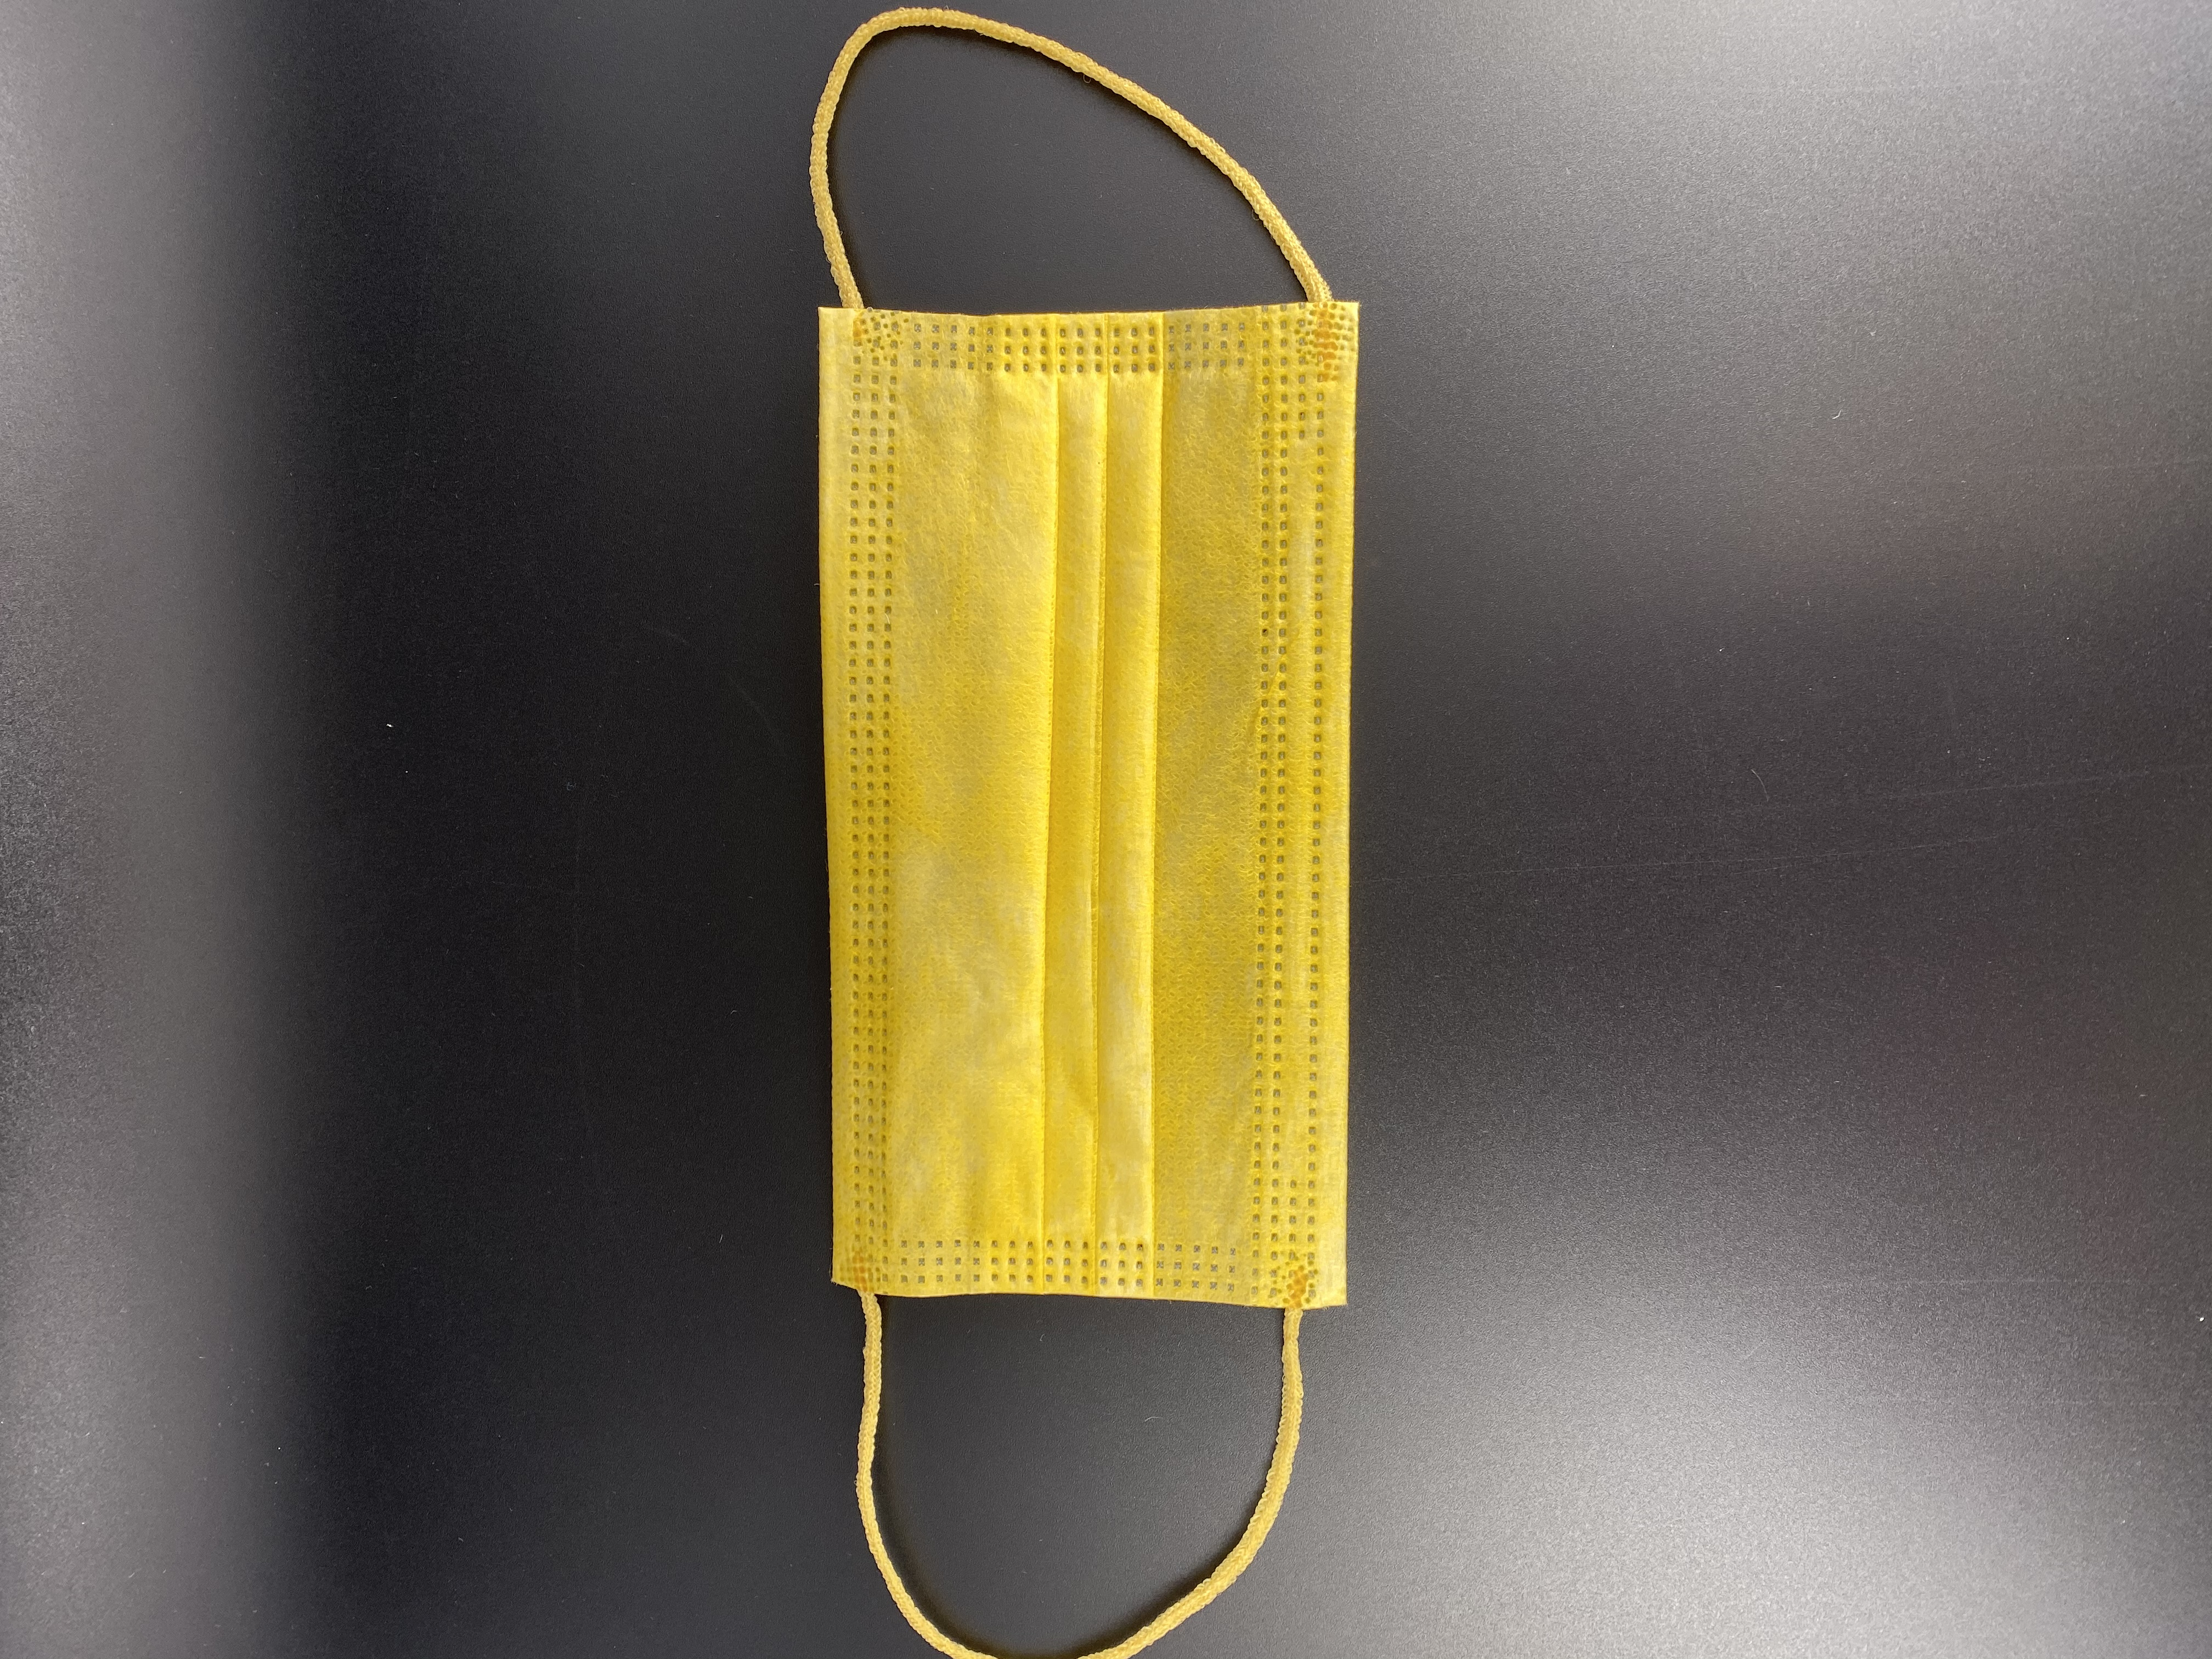 Mediroc - Medizinischer Mundschutz für Kinder, Gelb, Typ IIR, 3-lagig, CE-zertifiziert, 10 Stück